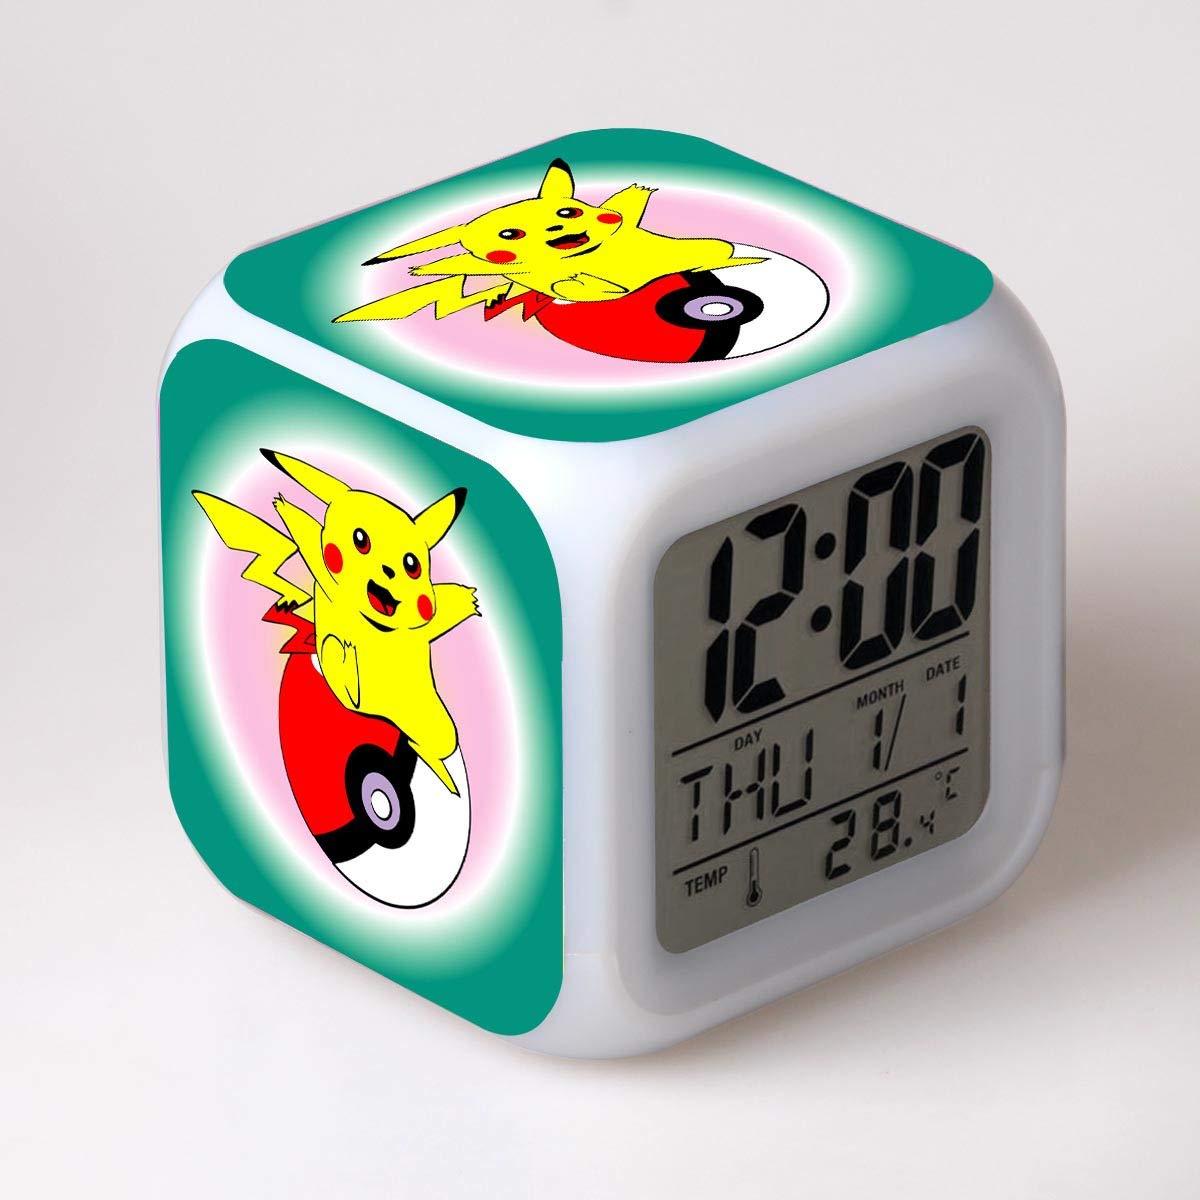 HHKX100822 Wecker Pokemon Pokemon Pikachu Pokemon Poque Traum Wecker N